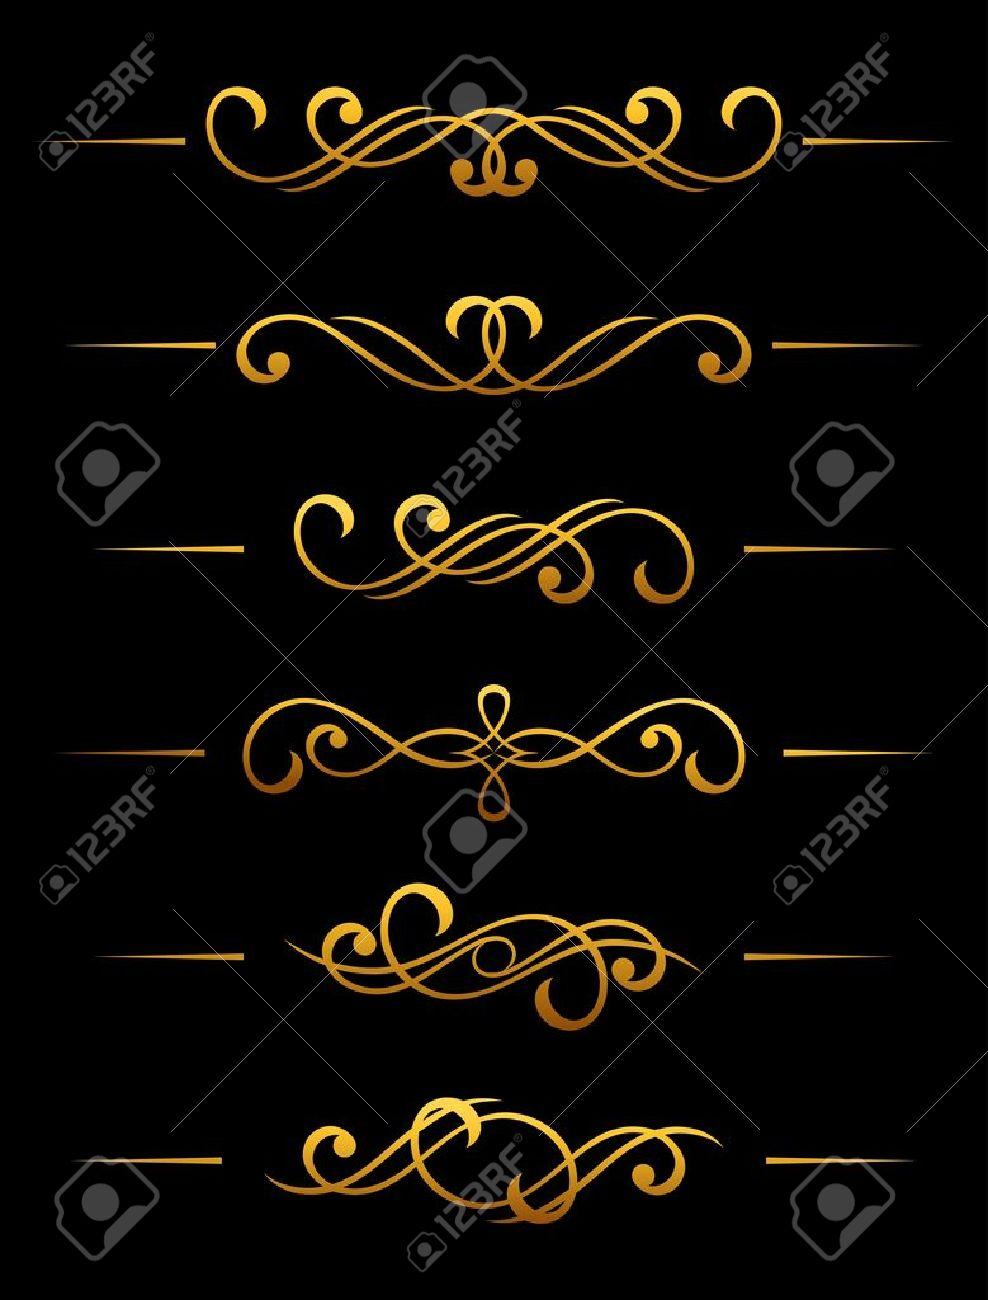 Golden vintage divider and border elements set for ornate Stock Vector - 11497583